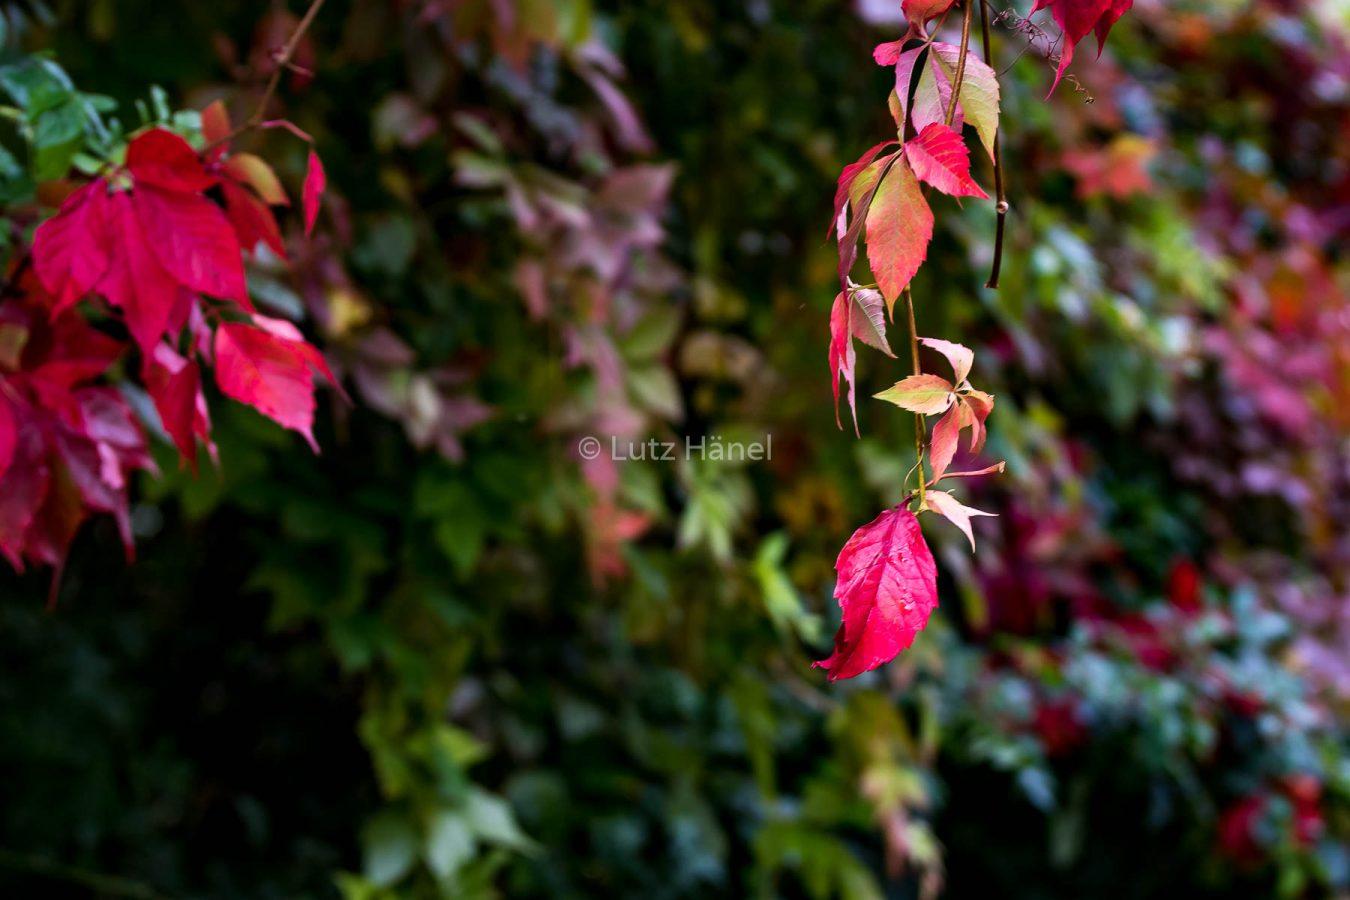 Leuchtene Herbstfarben